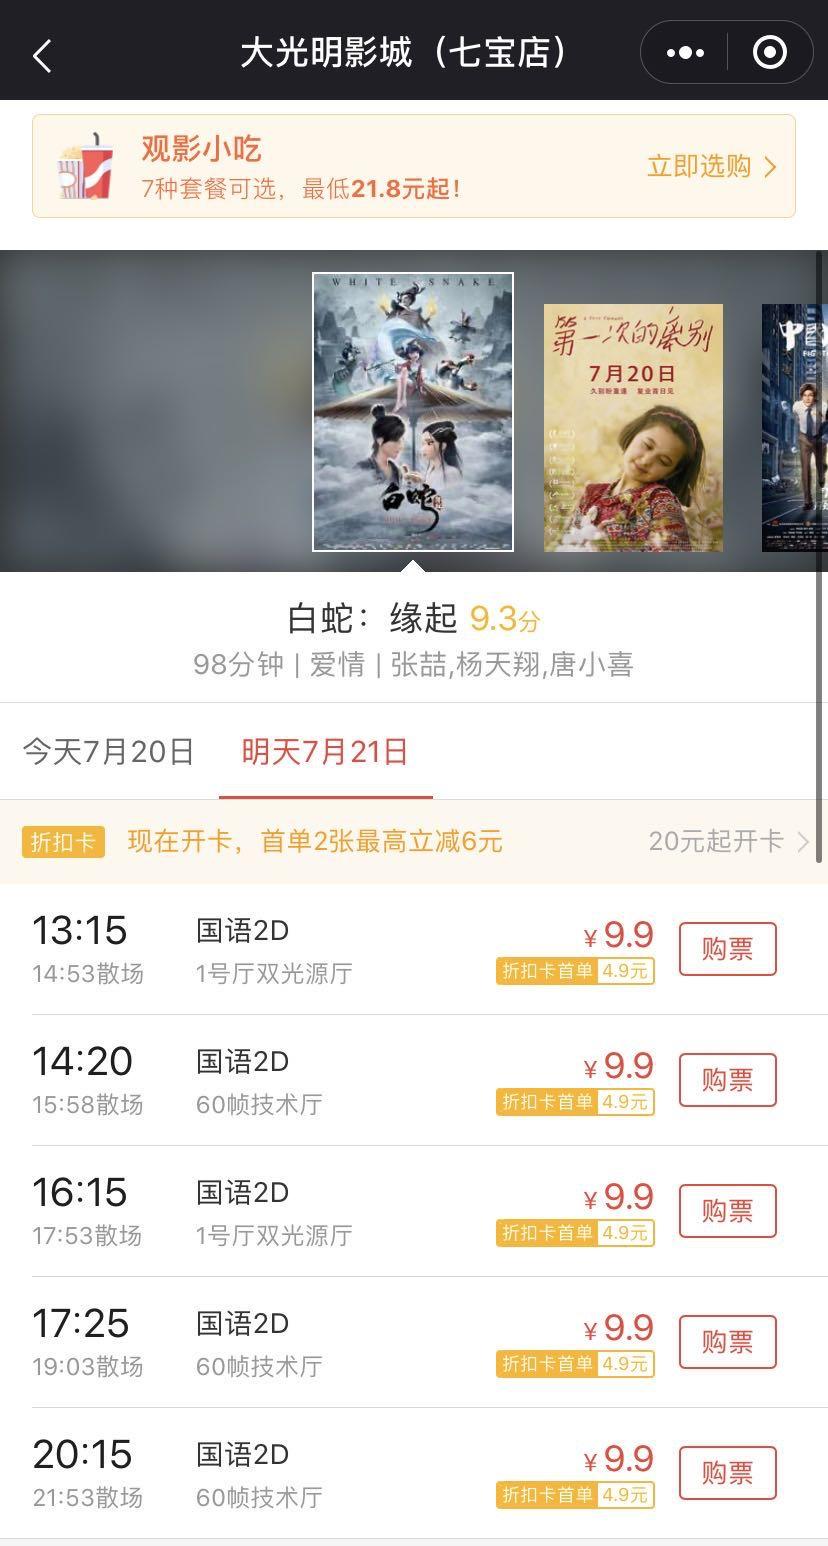 琪琪电影网_奇奇影视大全免费观看除_奇奇影院在线电影